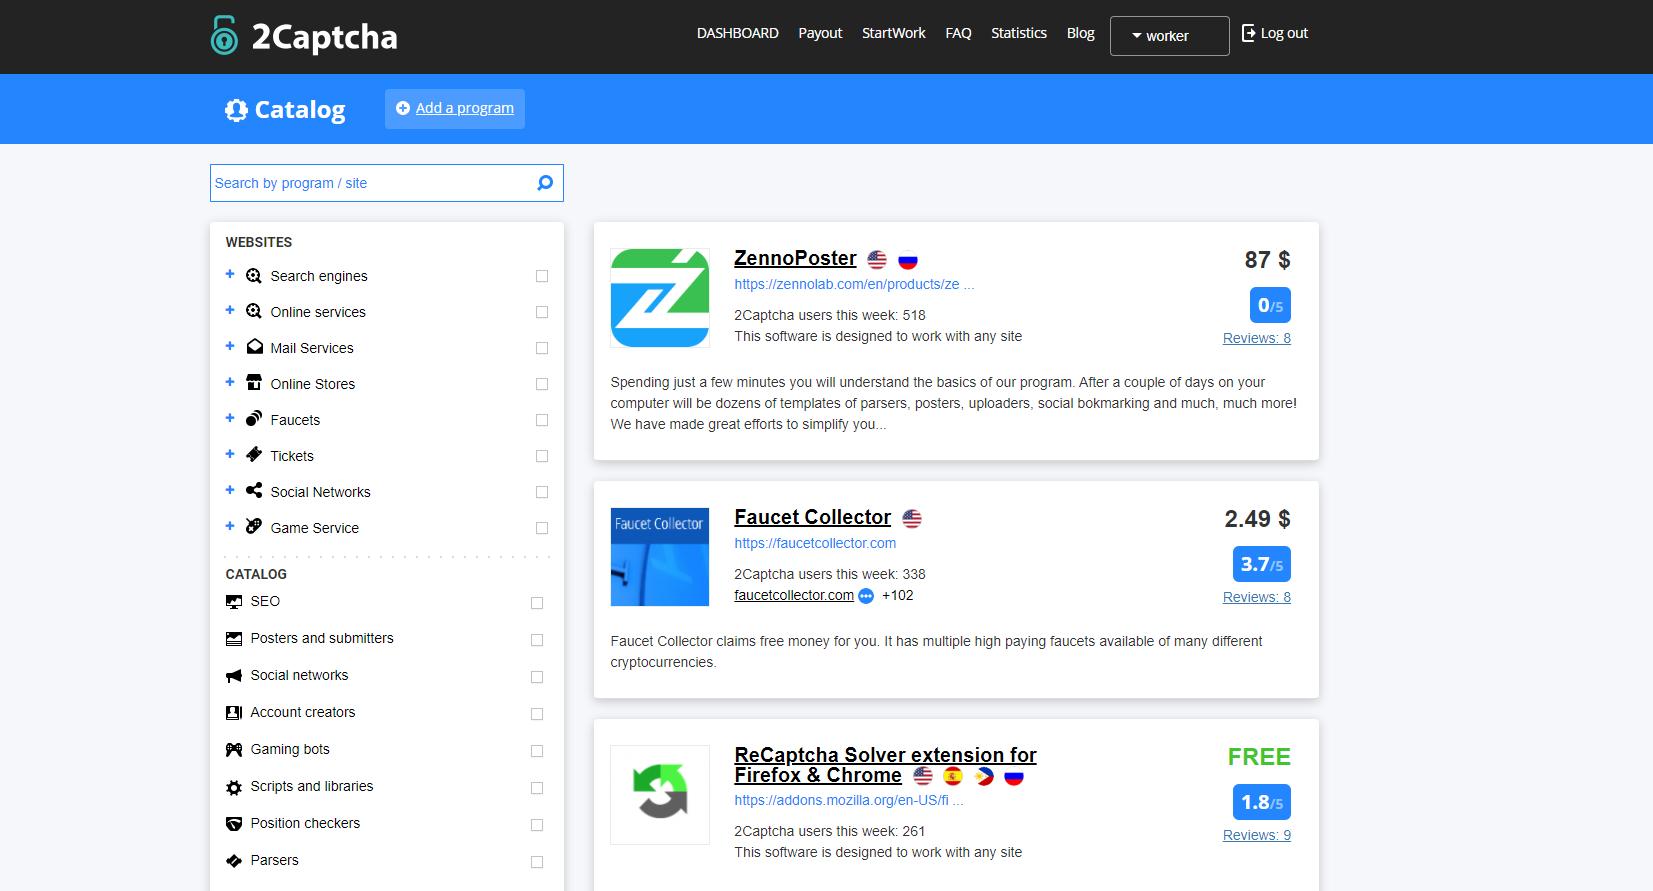 2Captcha software catalog